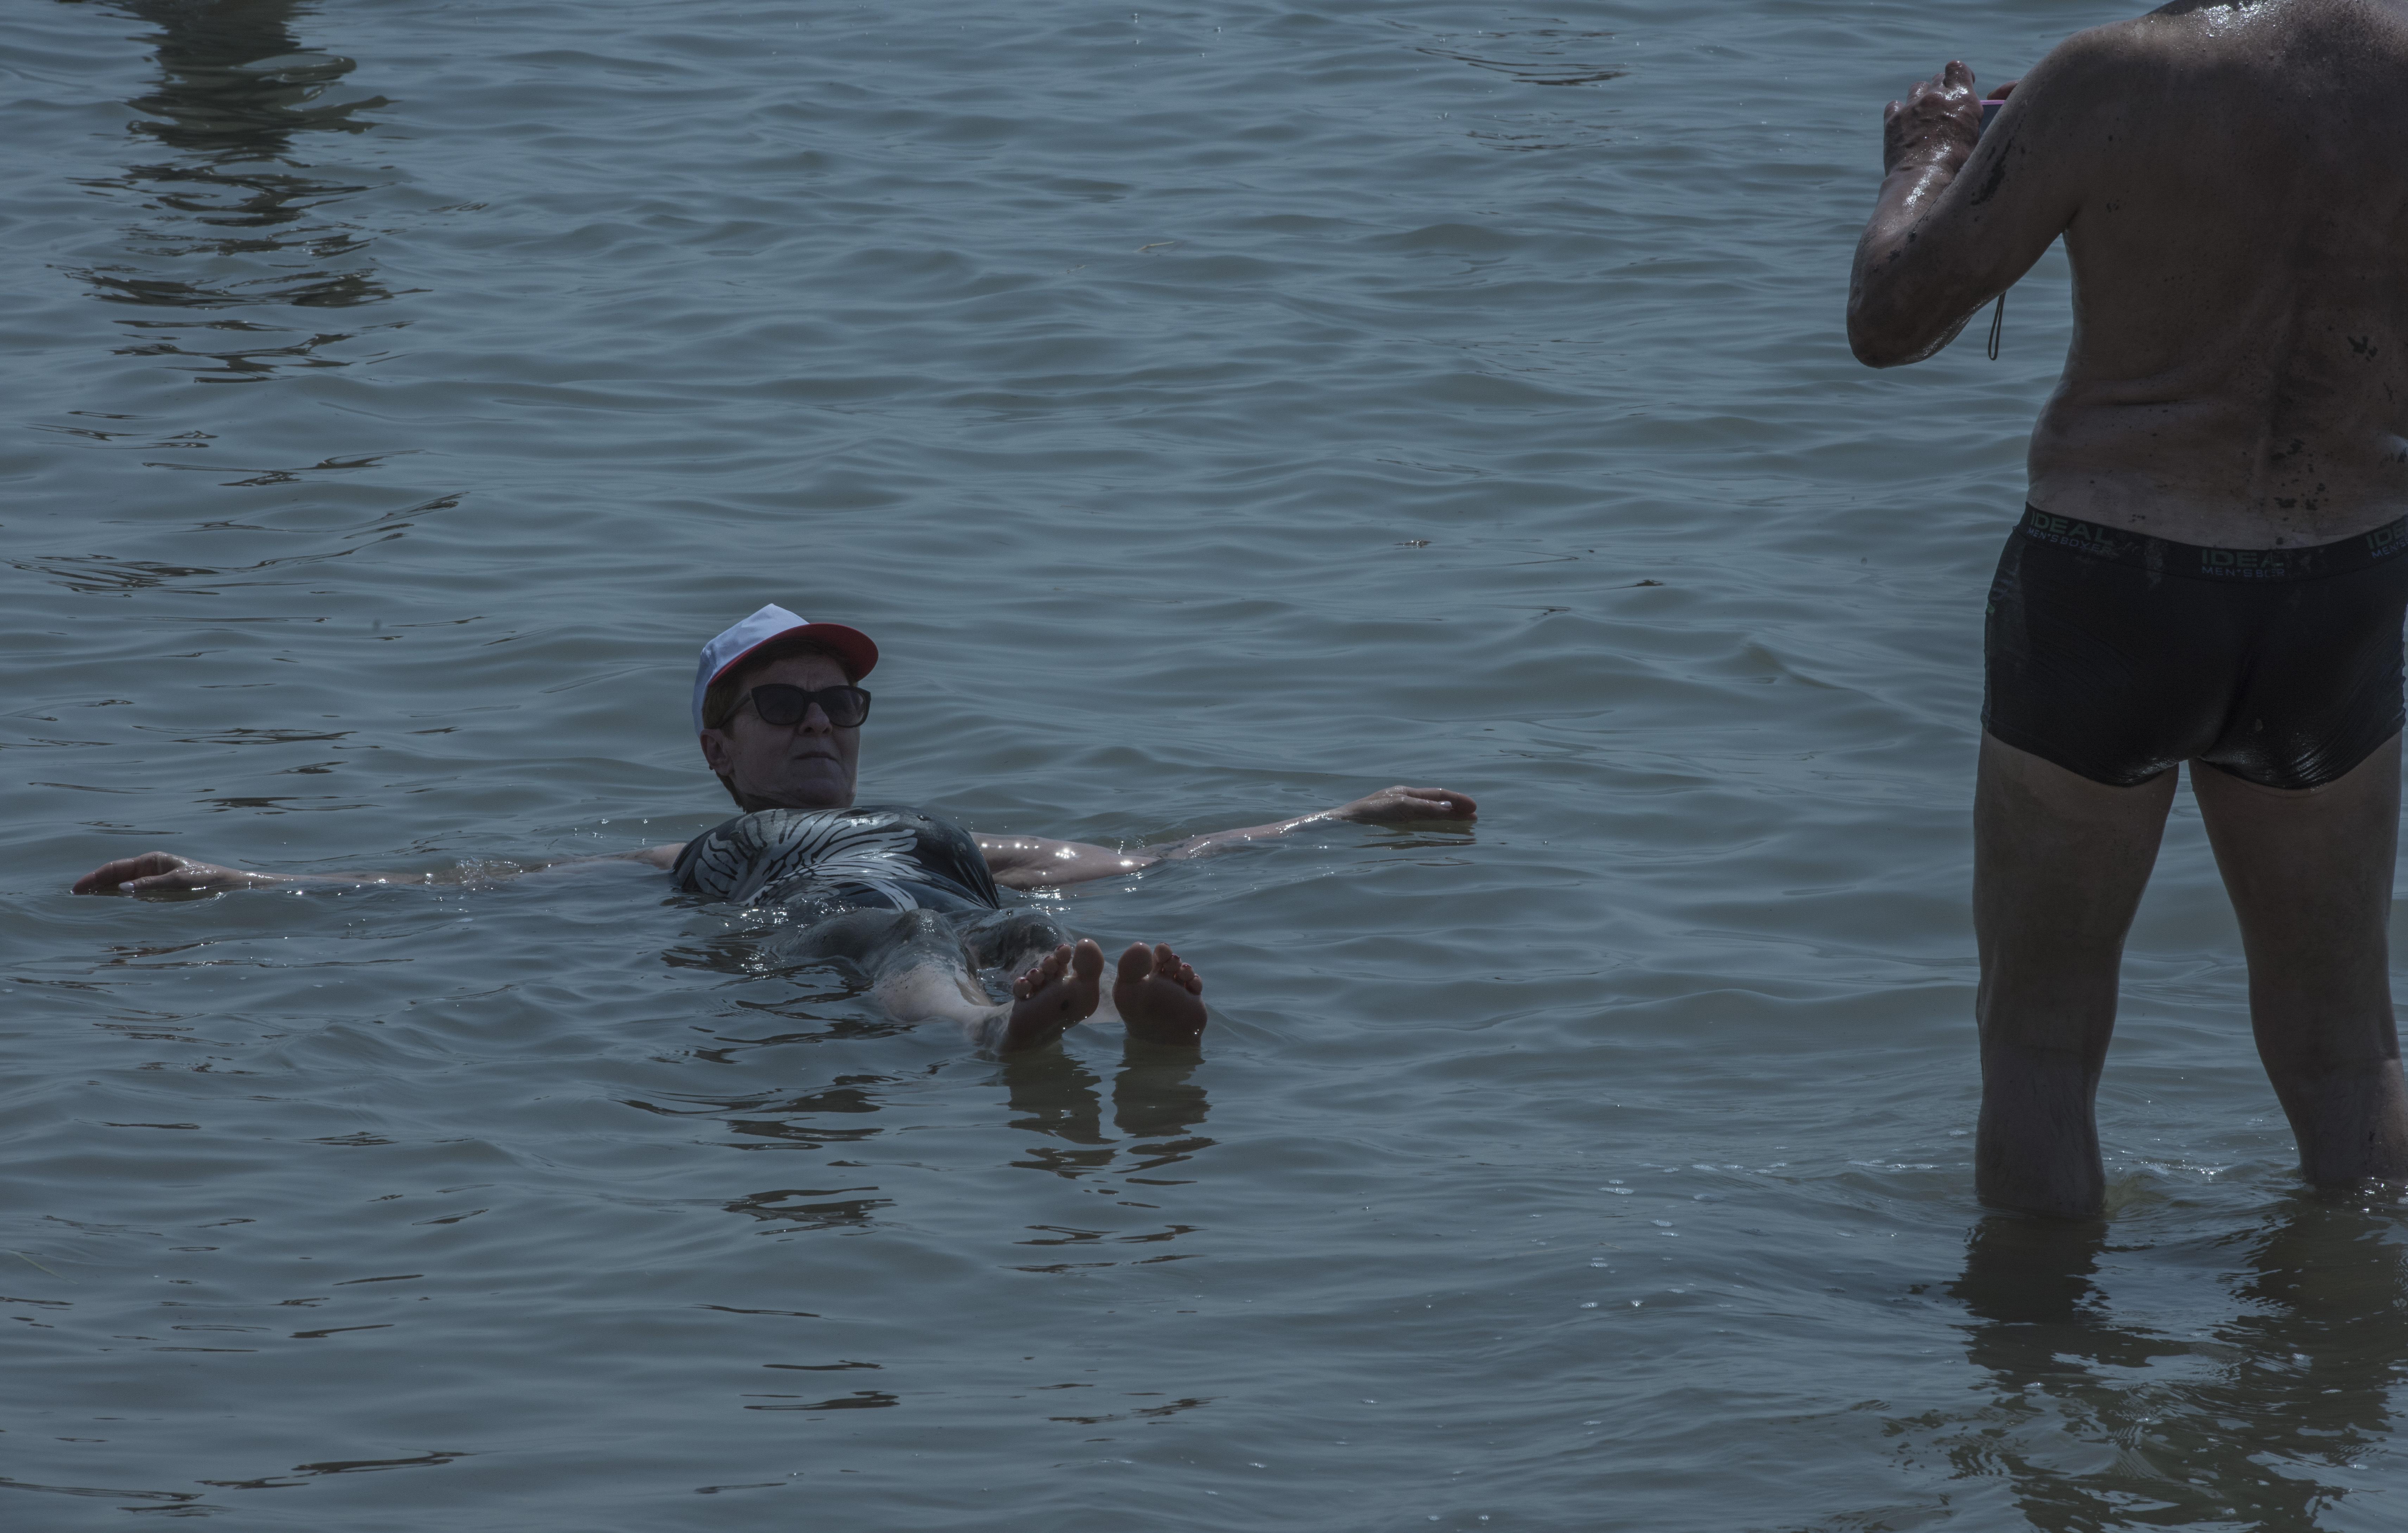 在死海里人真的能漂起来吗?还是有什么不为人知的秘密